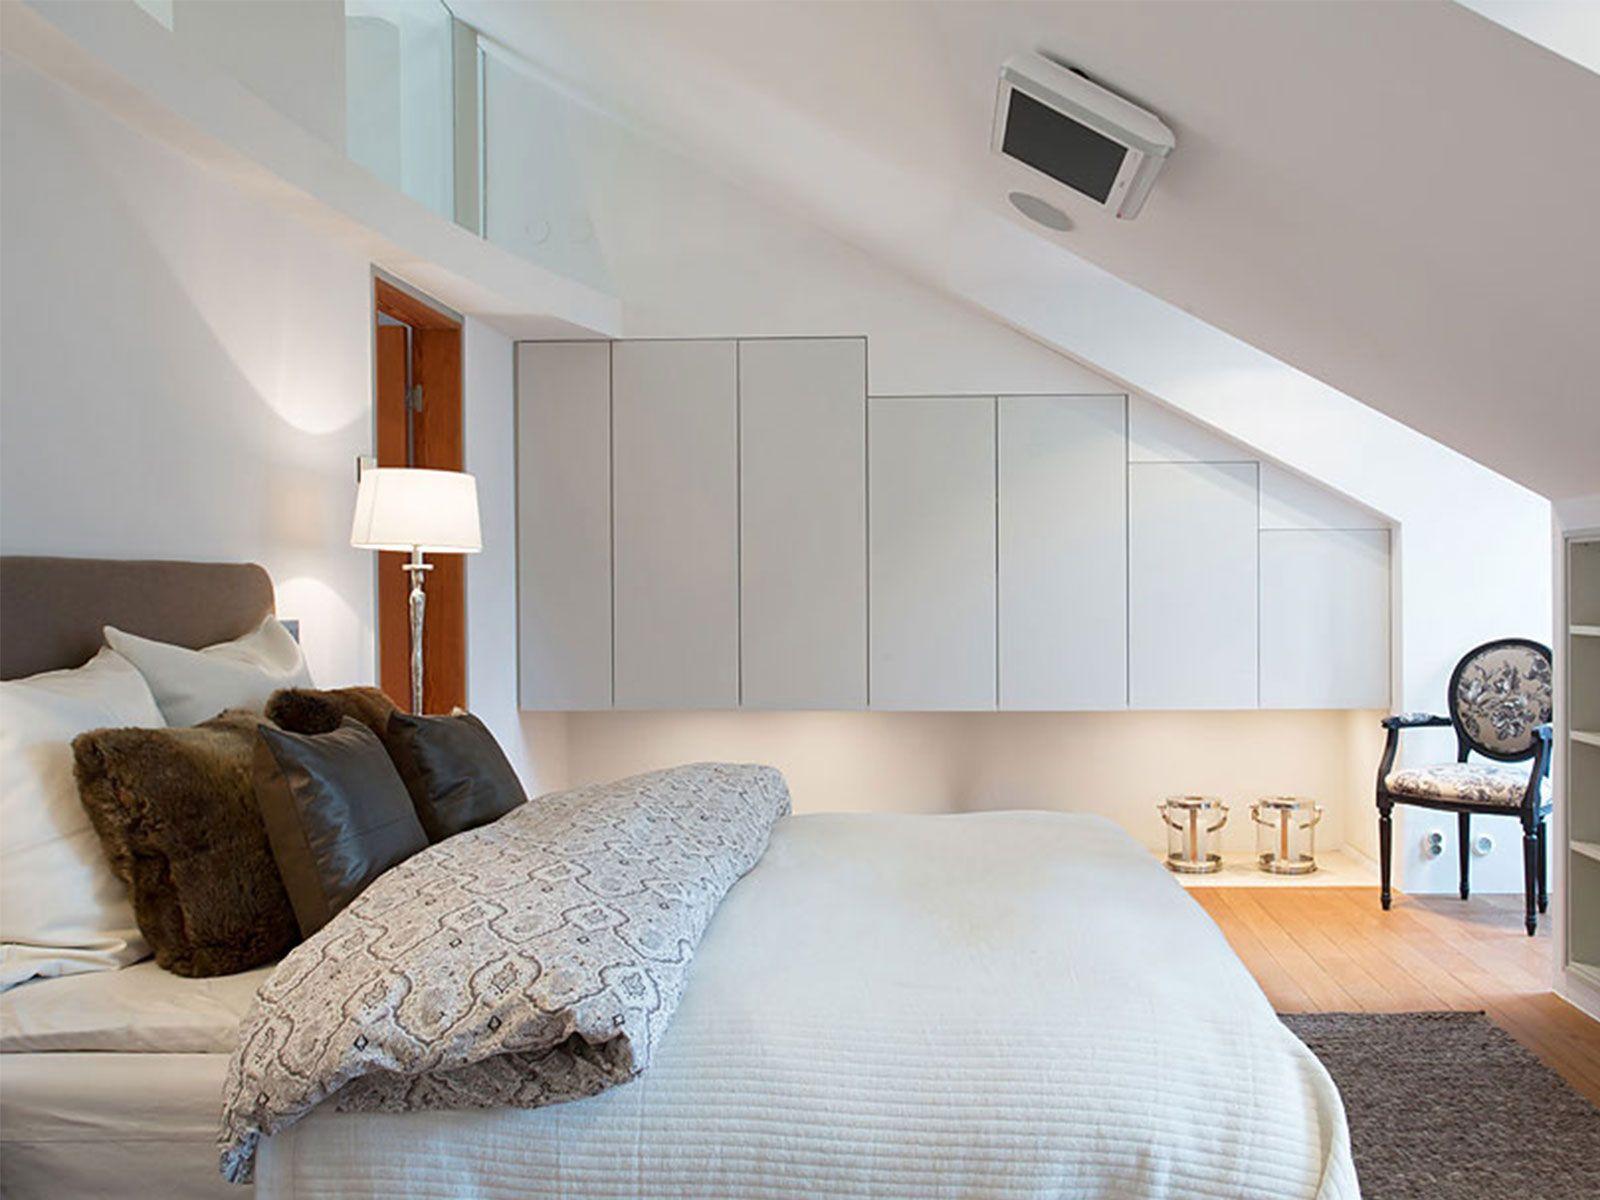 Loft Bedroom Design Ideas Deluxe Attic Bedroom Interior Design  Attic Bedrooms Attic And